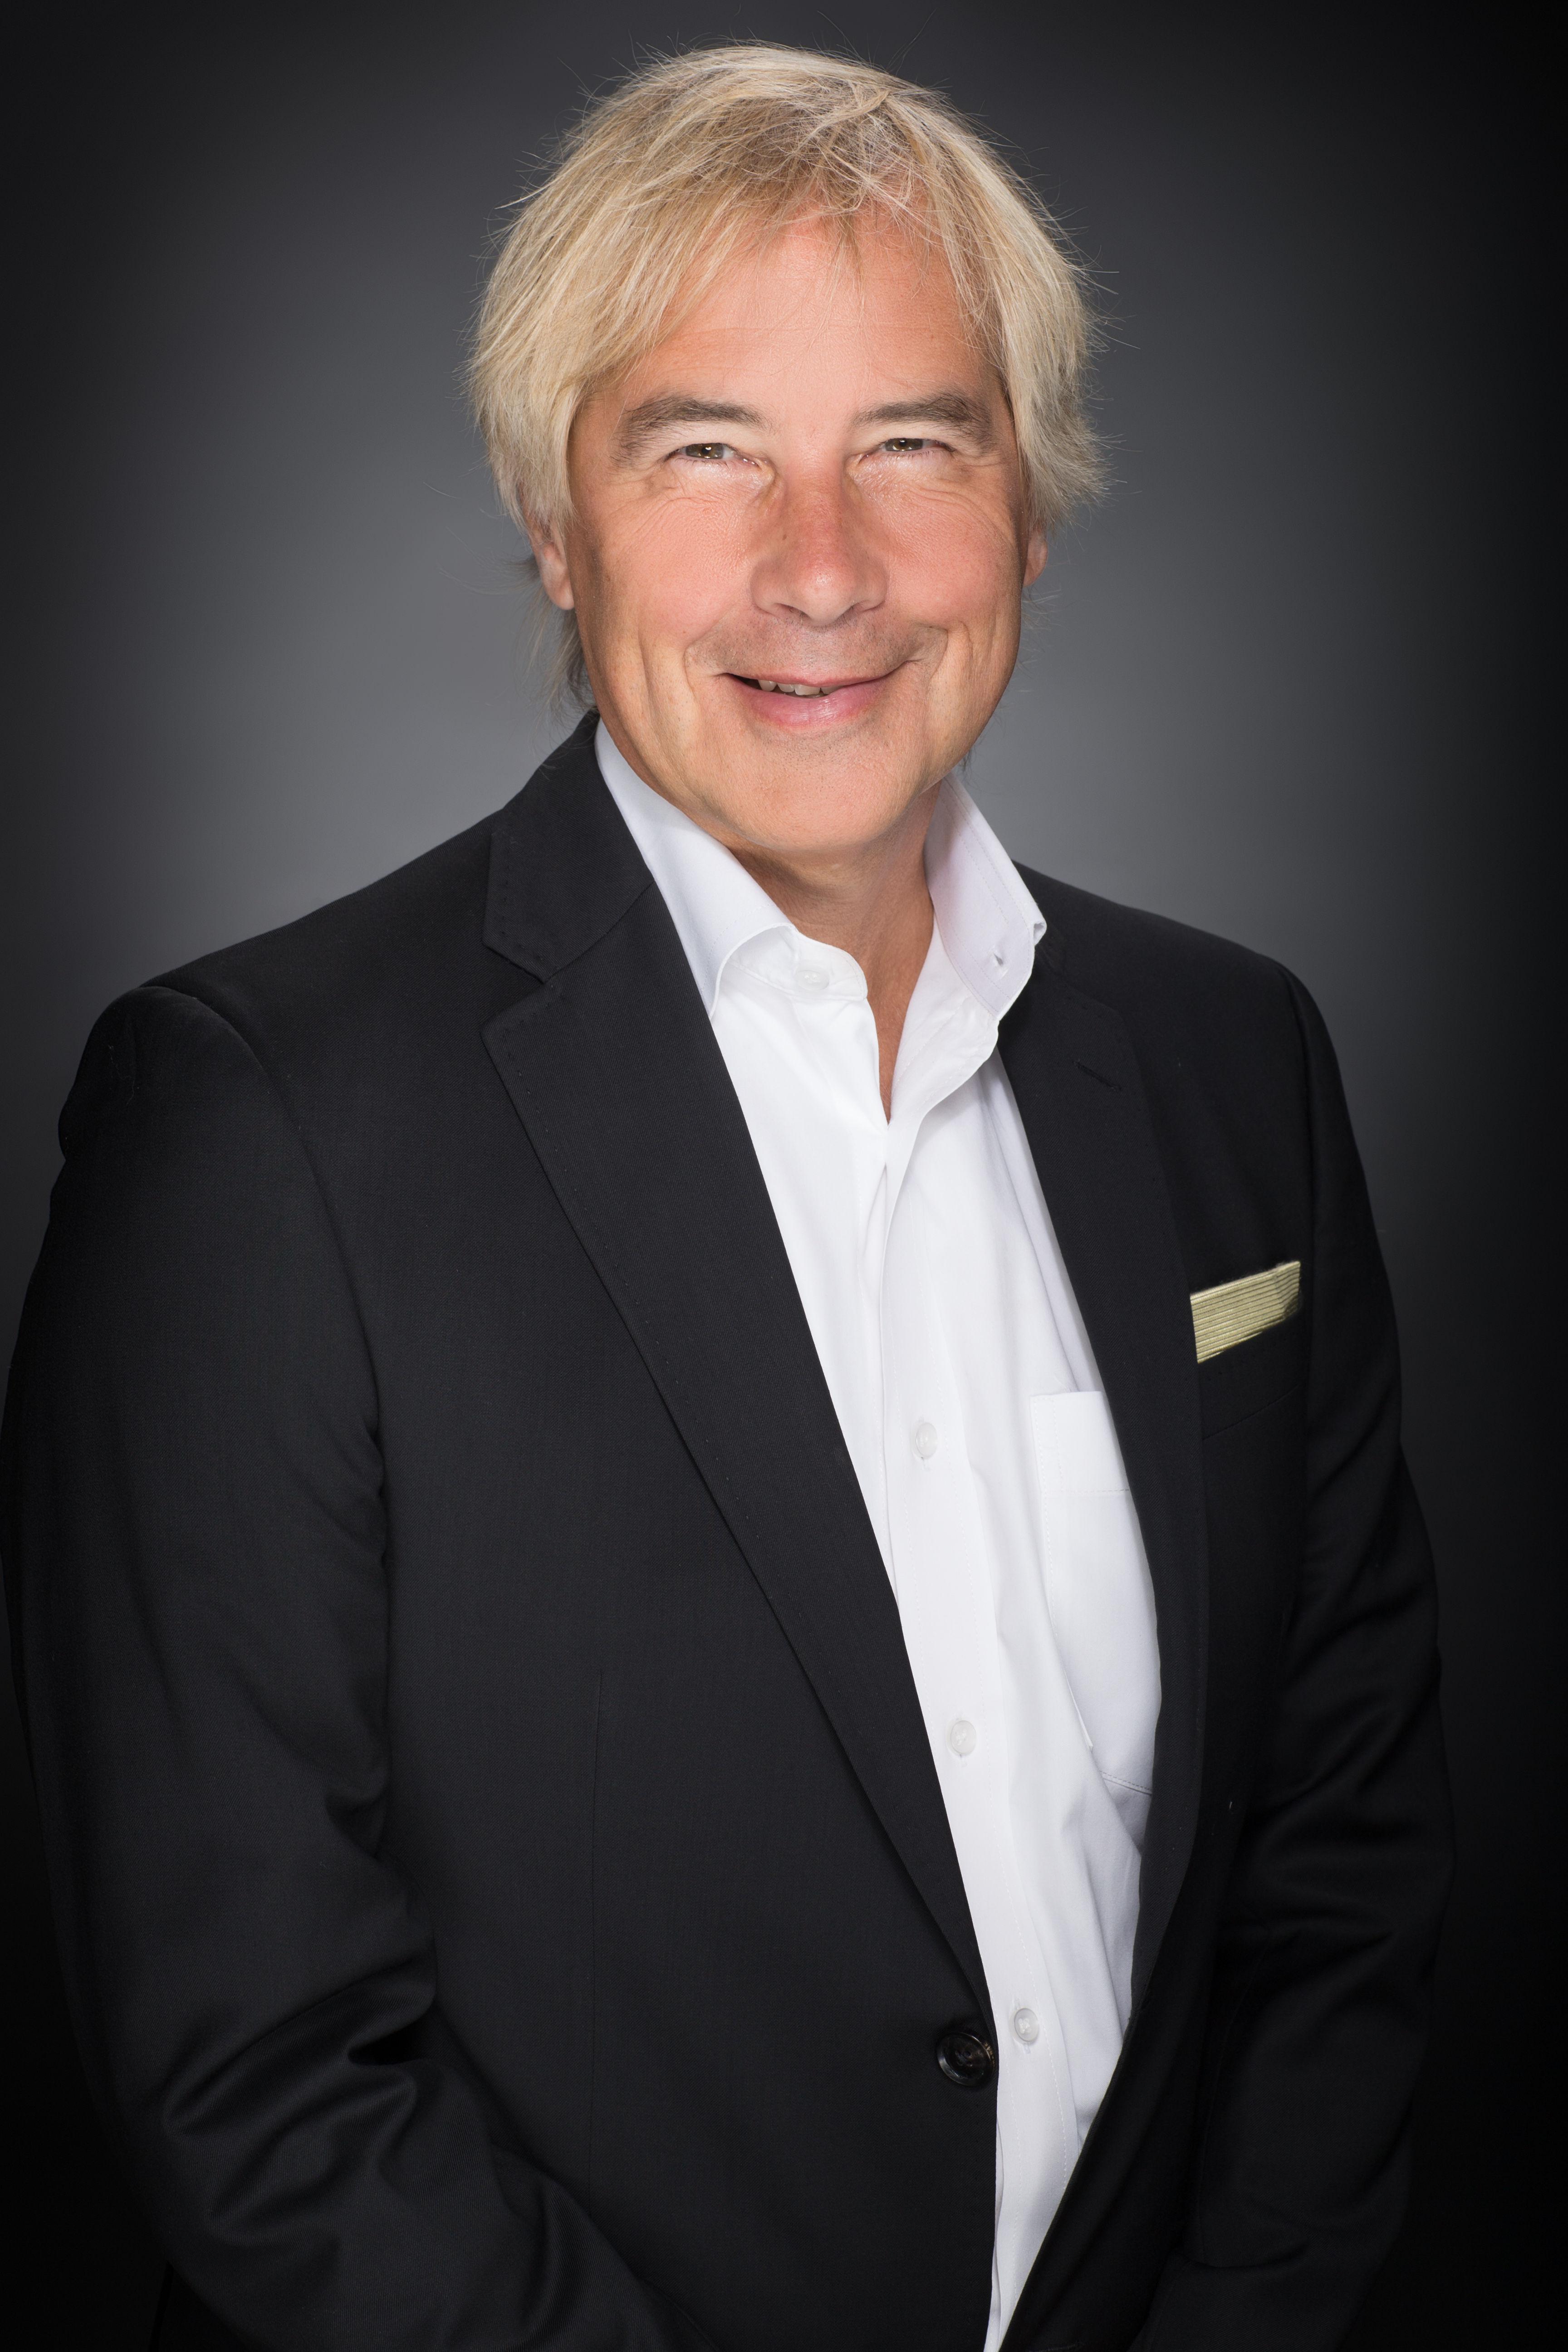 Mark Dederer Portrait Image